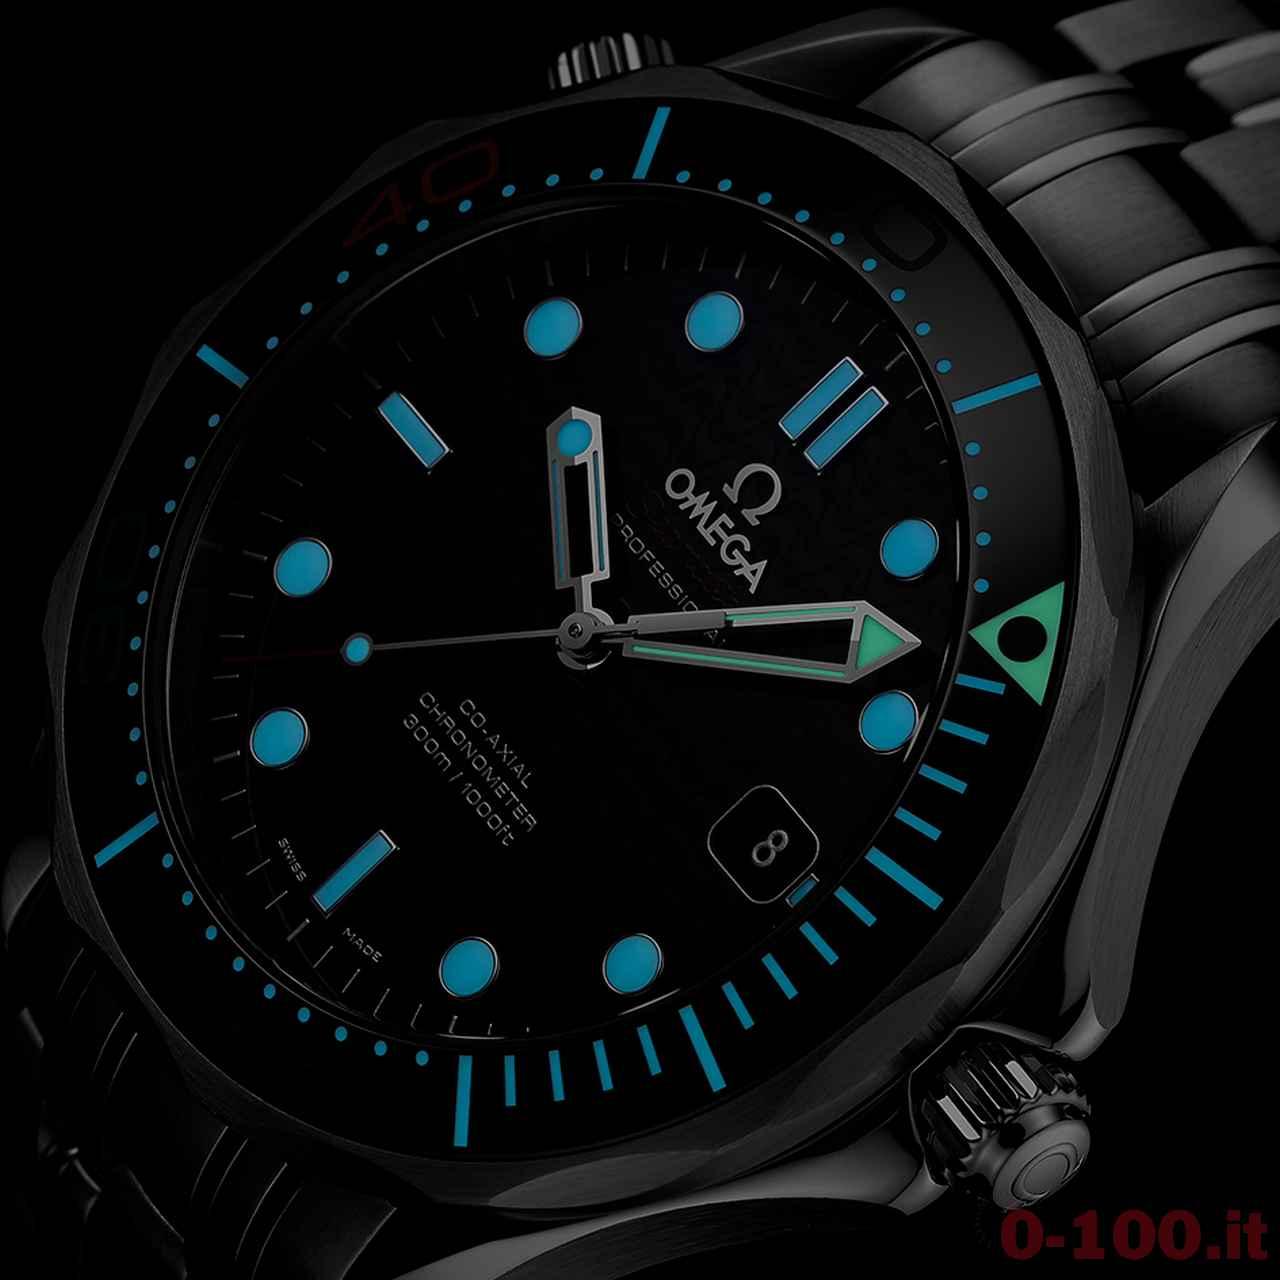 omega-seamaster-diver-300m-rio-2016-limited-edition-prezzo-price_0-1004